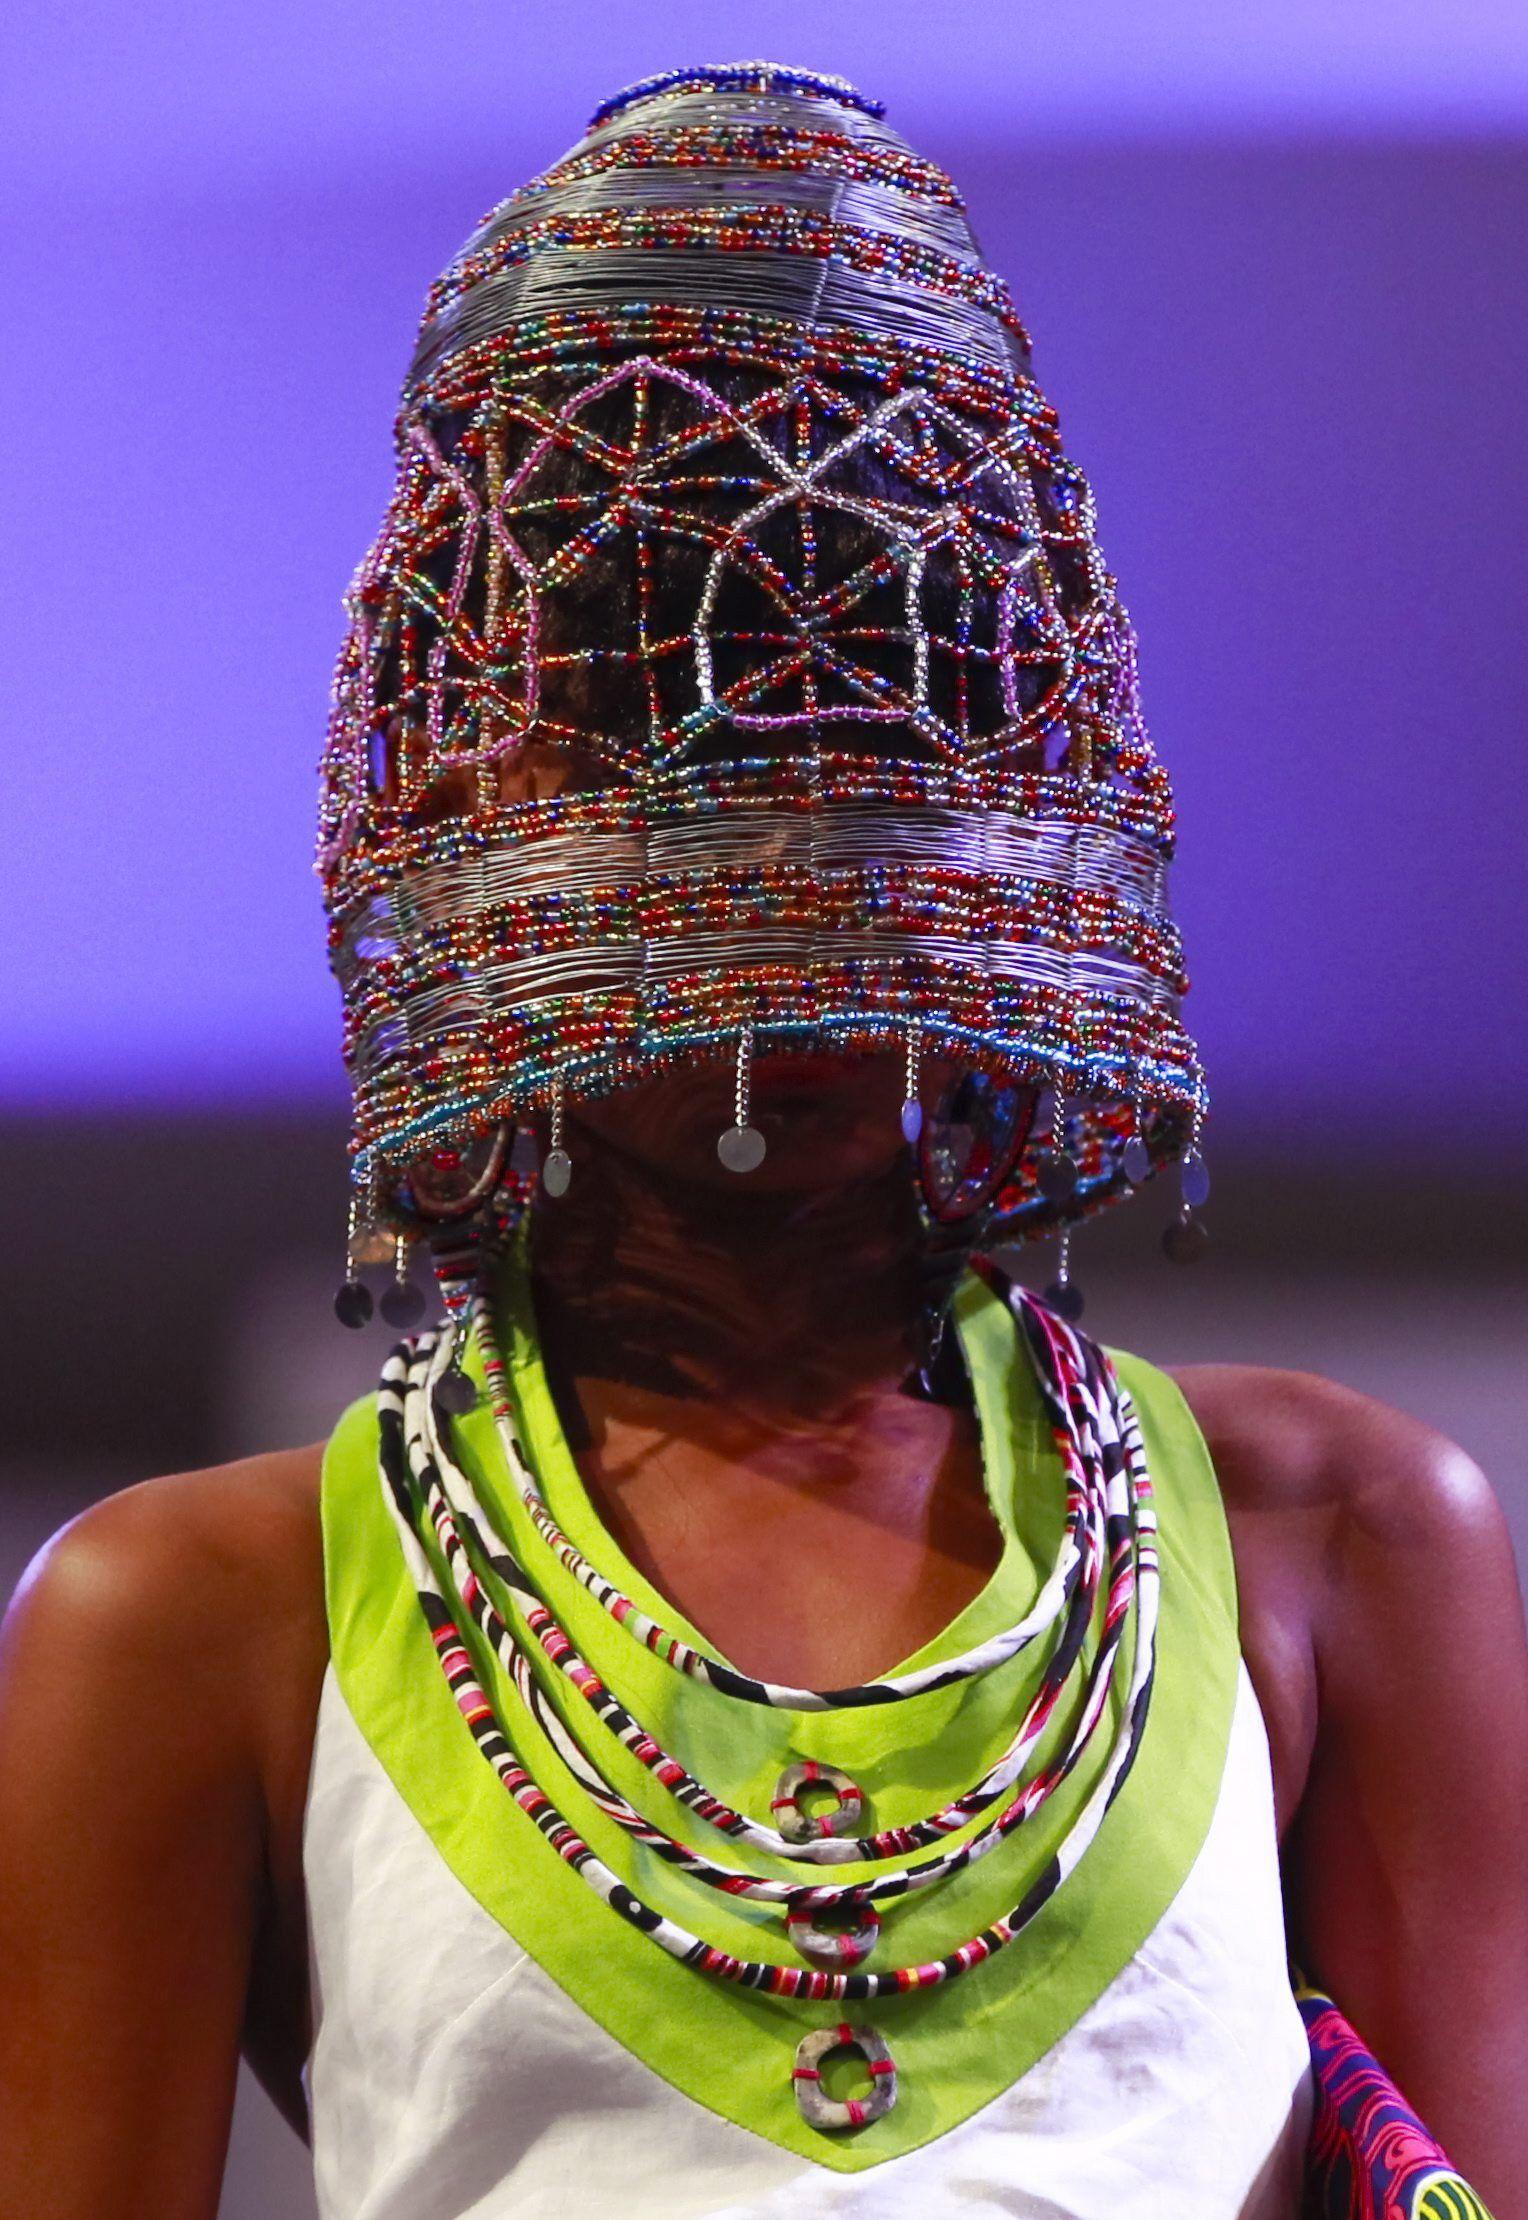 NUR FÜR SPAM FAFA Fashion Show in Nairobi, Kenya